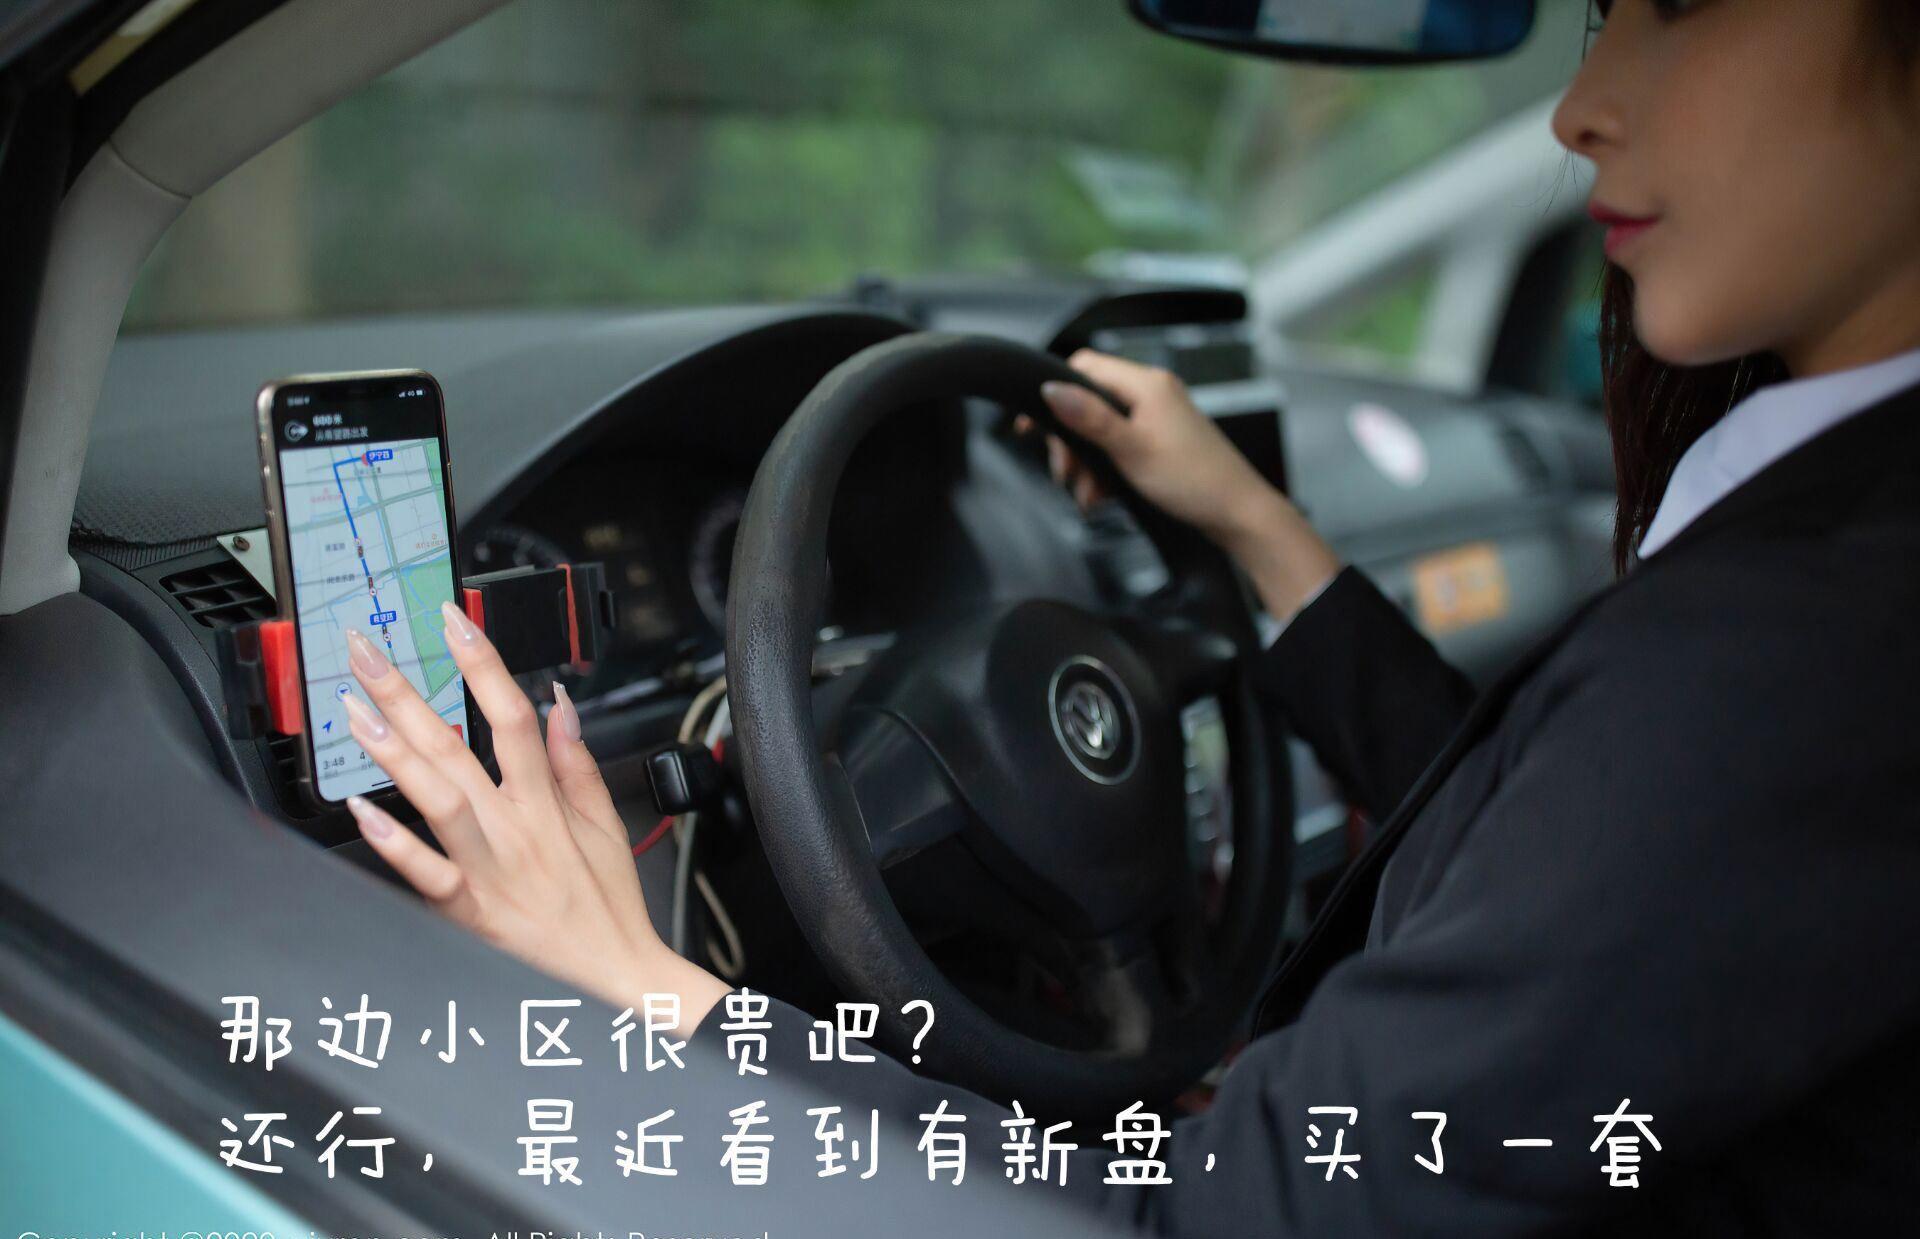 图片[6]-【剧情mietu】我和出租车女司机的邂逅故事-大鹏资源网